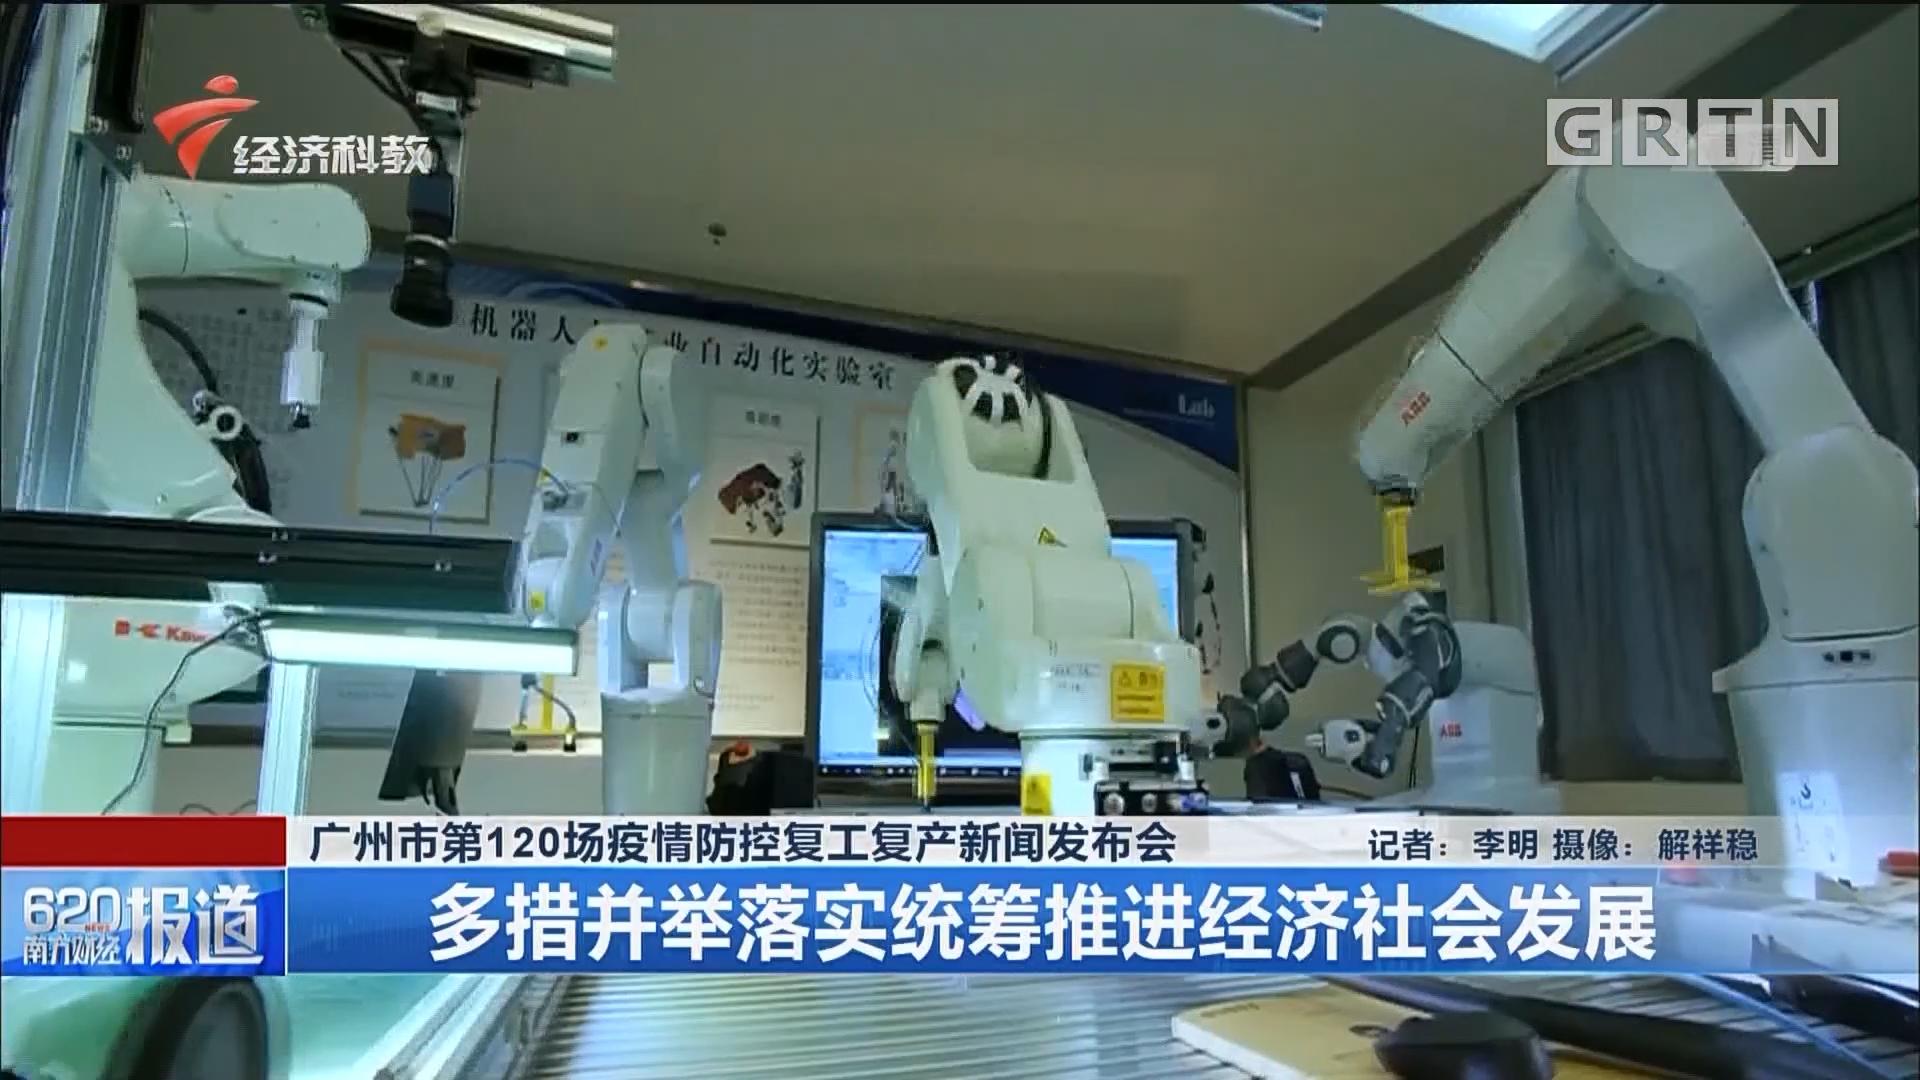 广州市第120场疫情防控复工复产新闻发布会 多措并举落实统筹推进经济社会发展